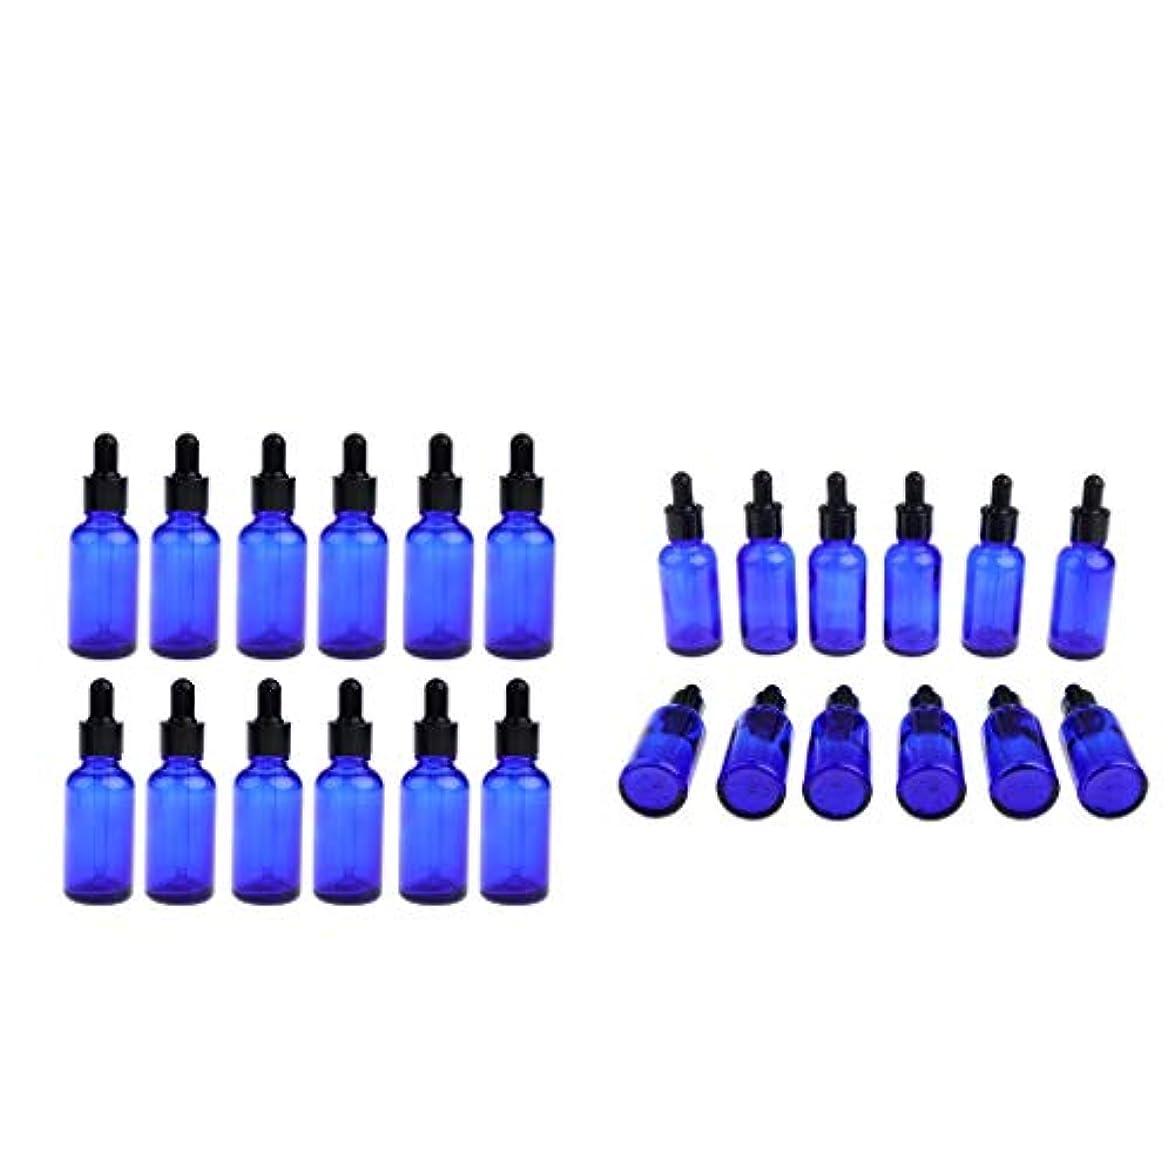 ホバー店員鈍いスポイトボトル ガラス 滴瓶 ドロッパーボトル 30ml アロマボトル スポイト精油分け瓶